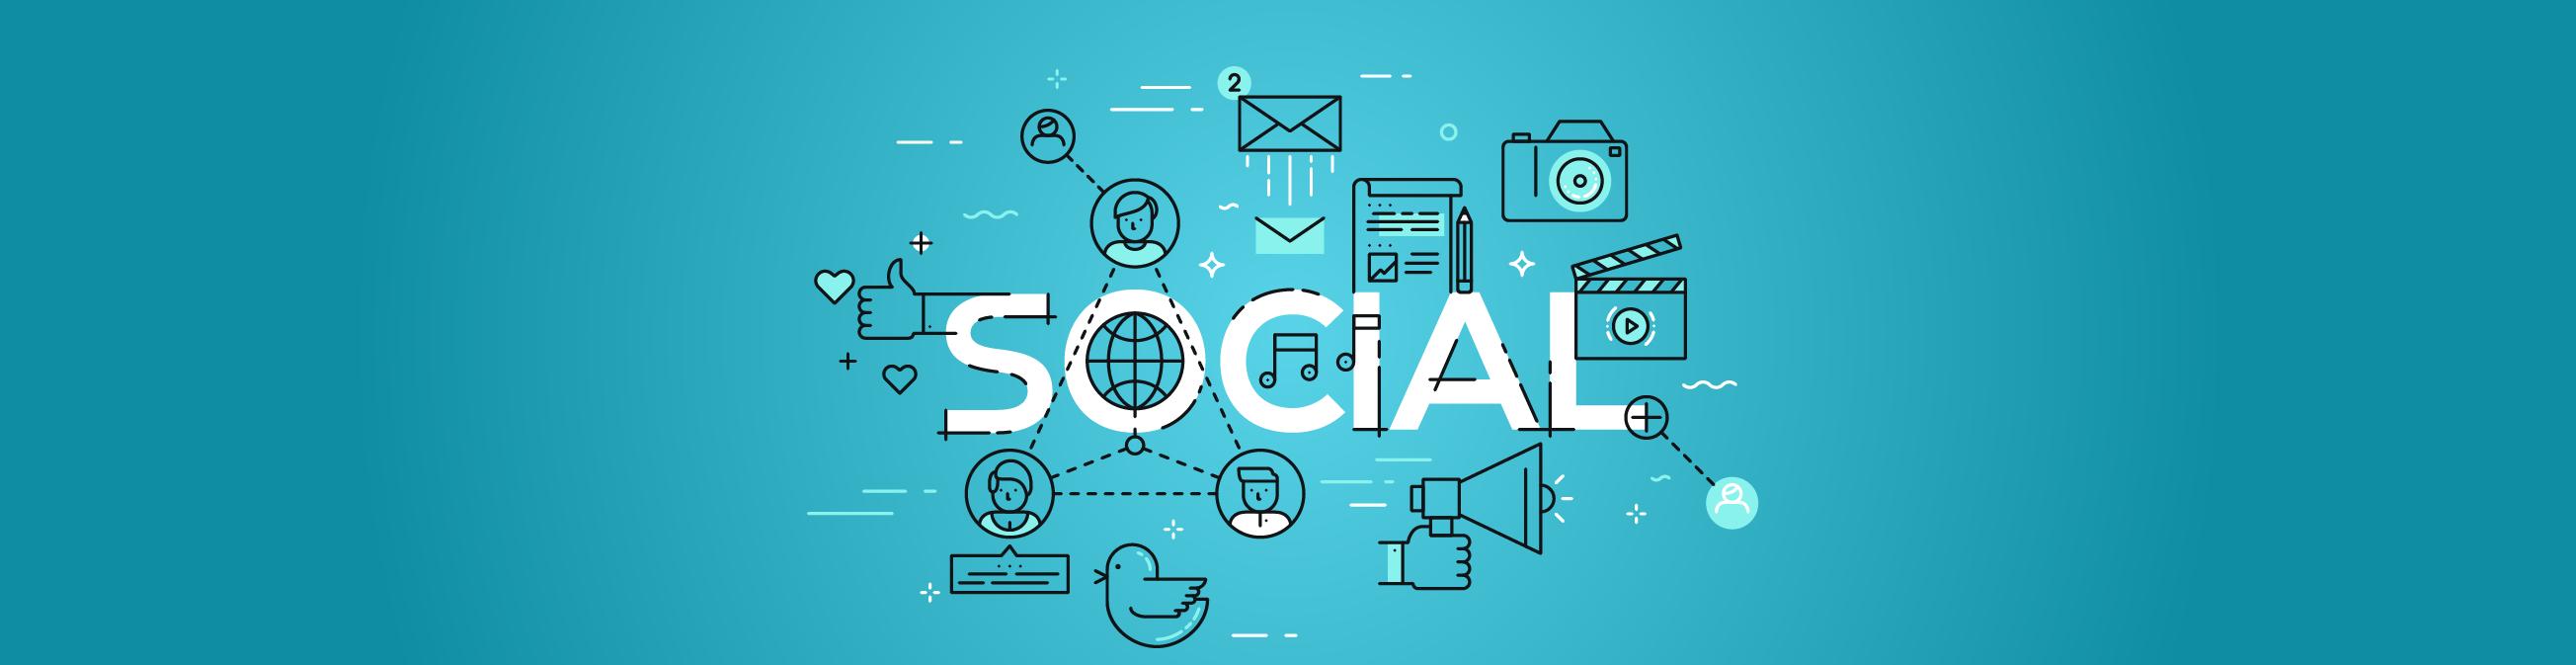 Short Videos on social media